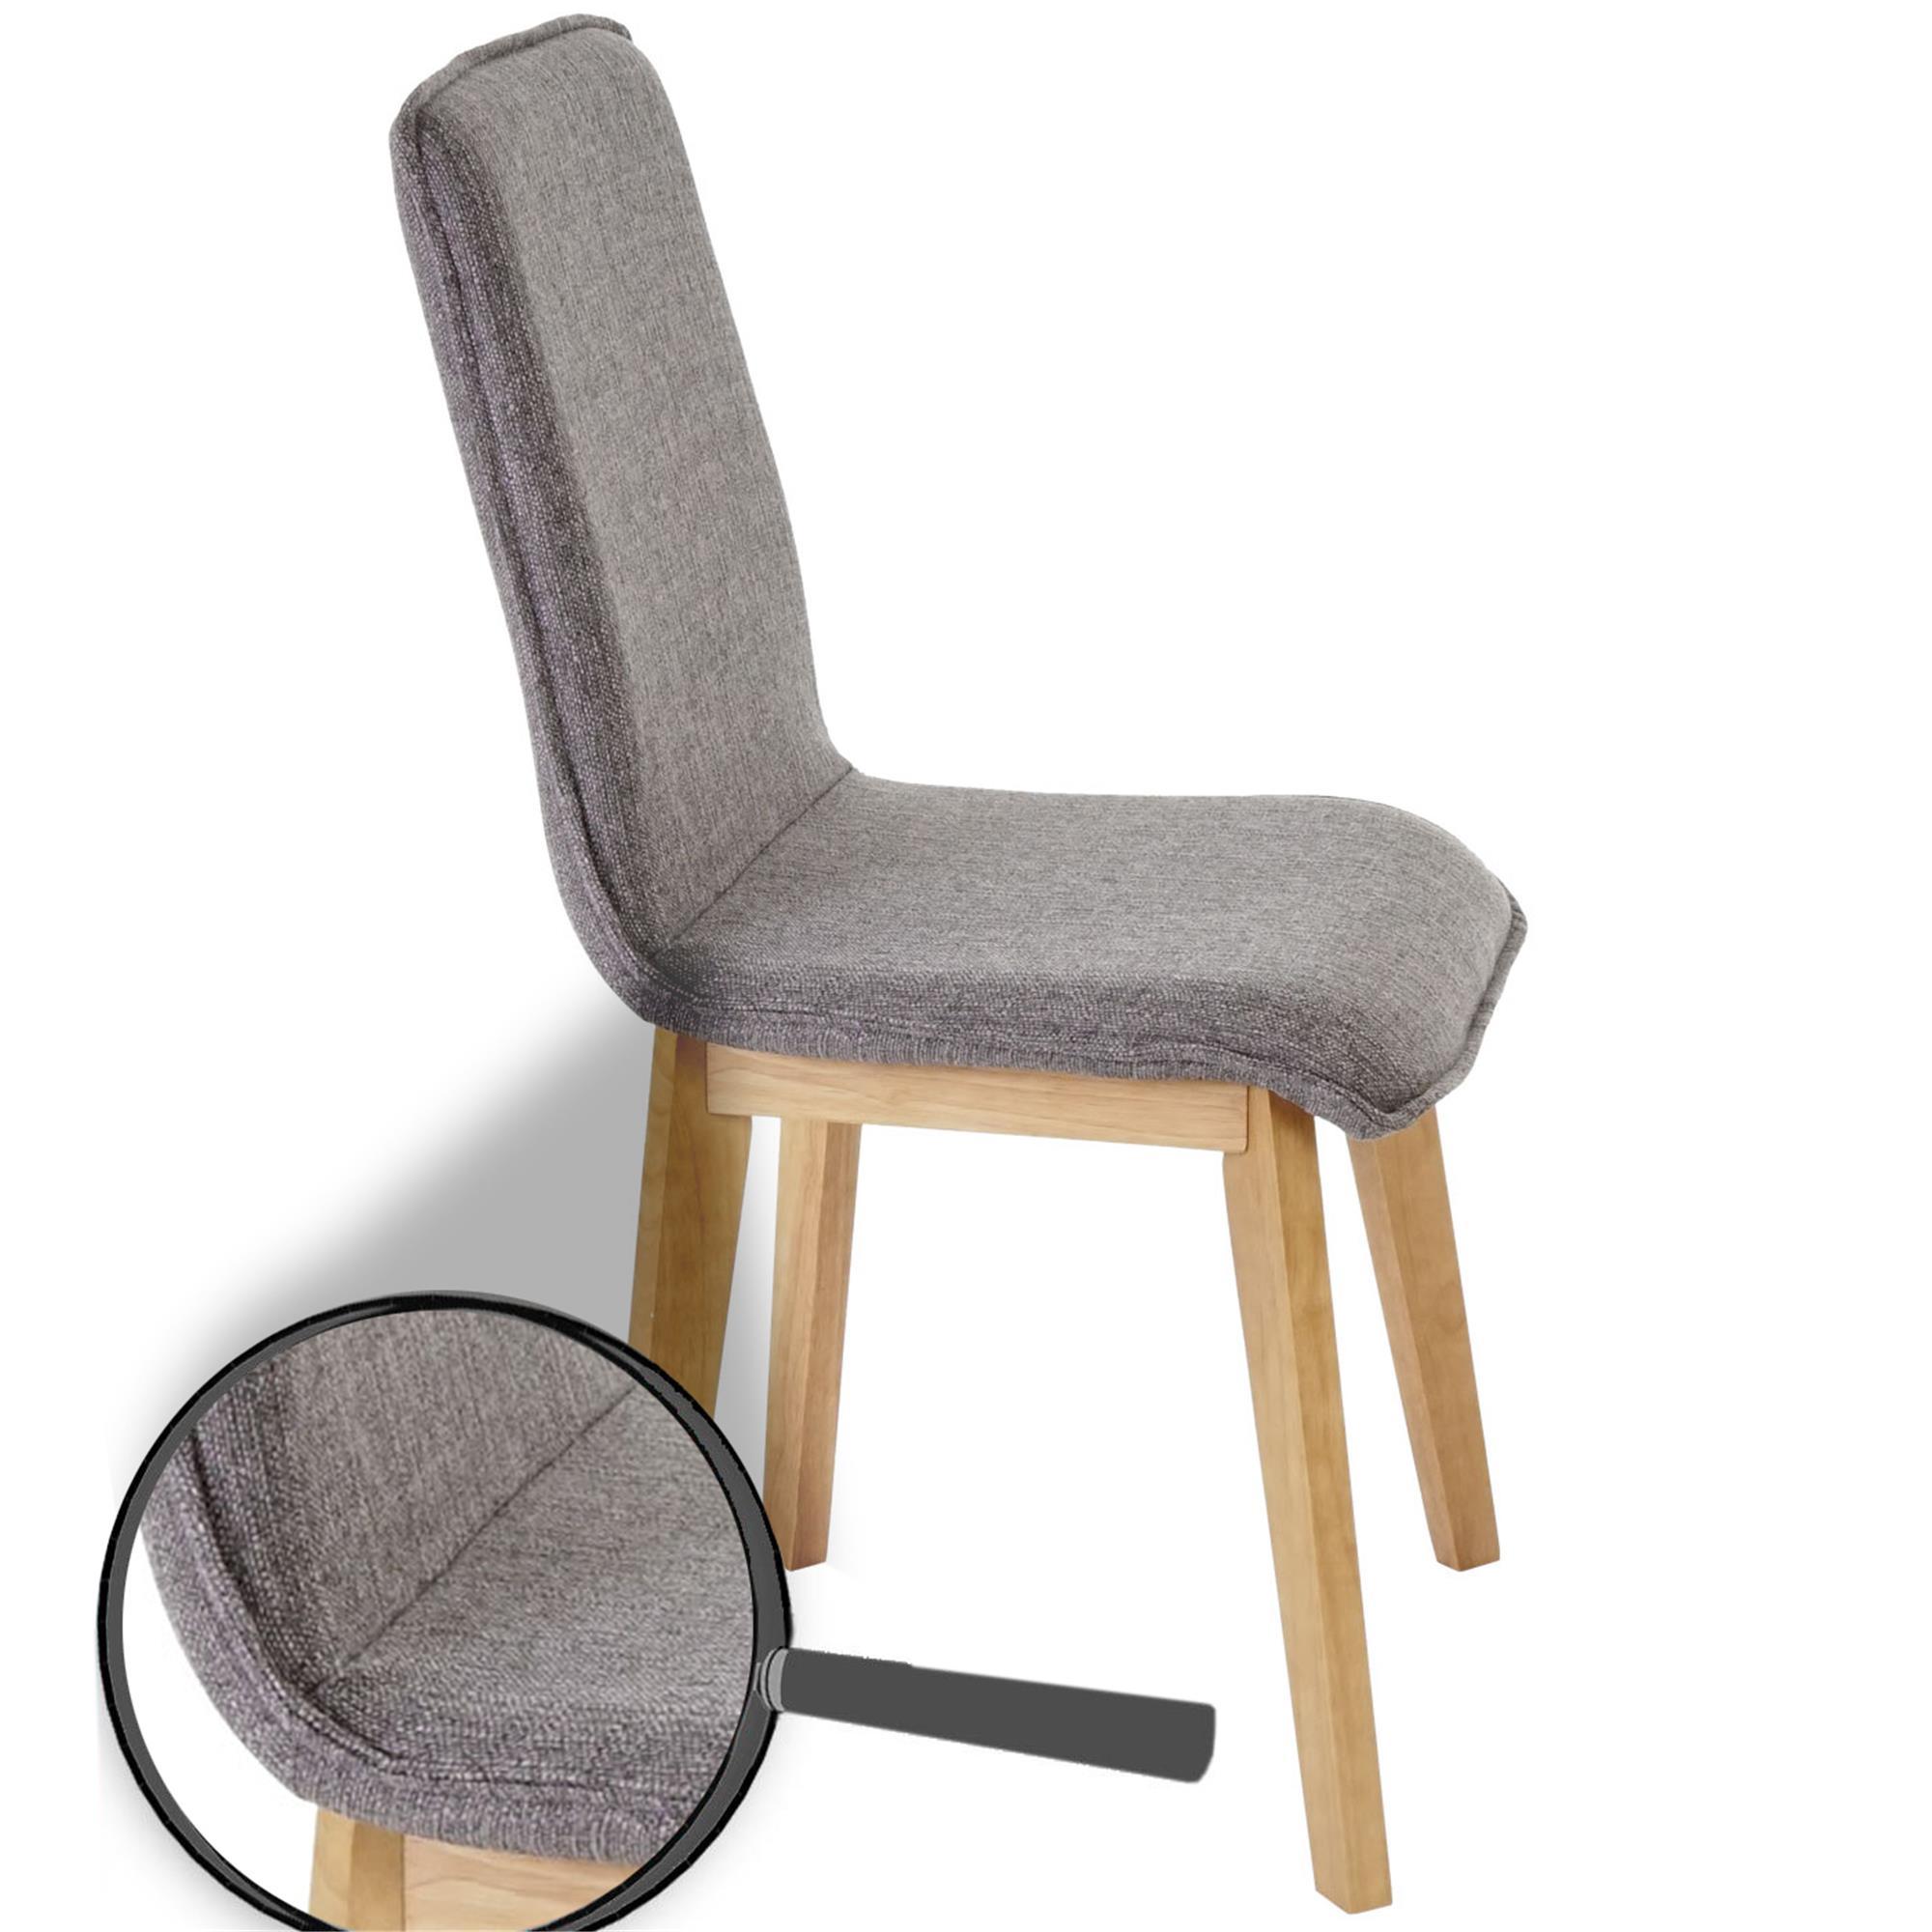 Lote 4 sillas de cocina o comedor FORD, en tela gris - Lote 4 Sillas ...